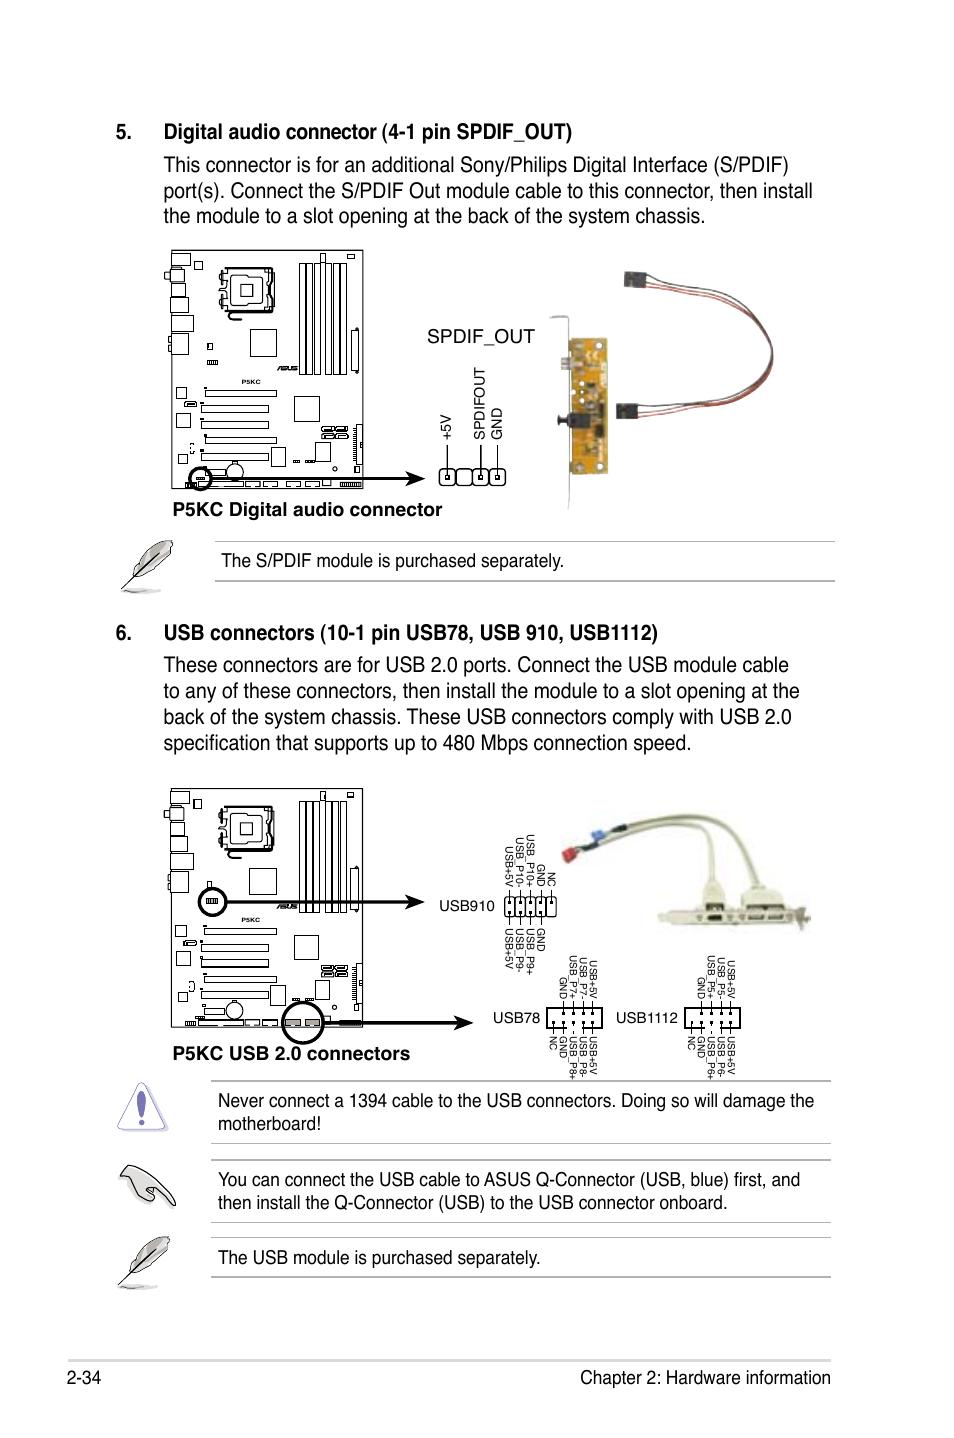 Asus P/I-P55T2P4 User Manual